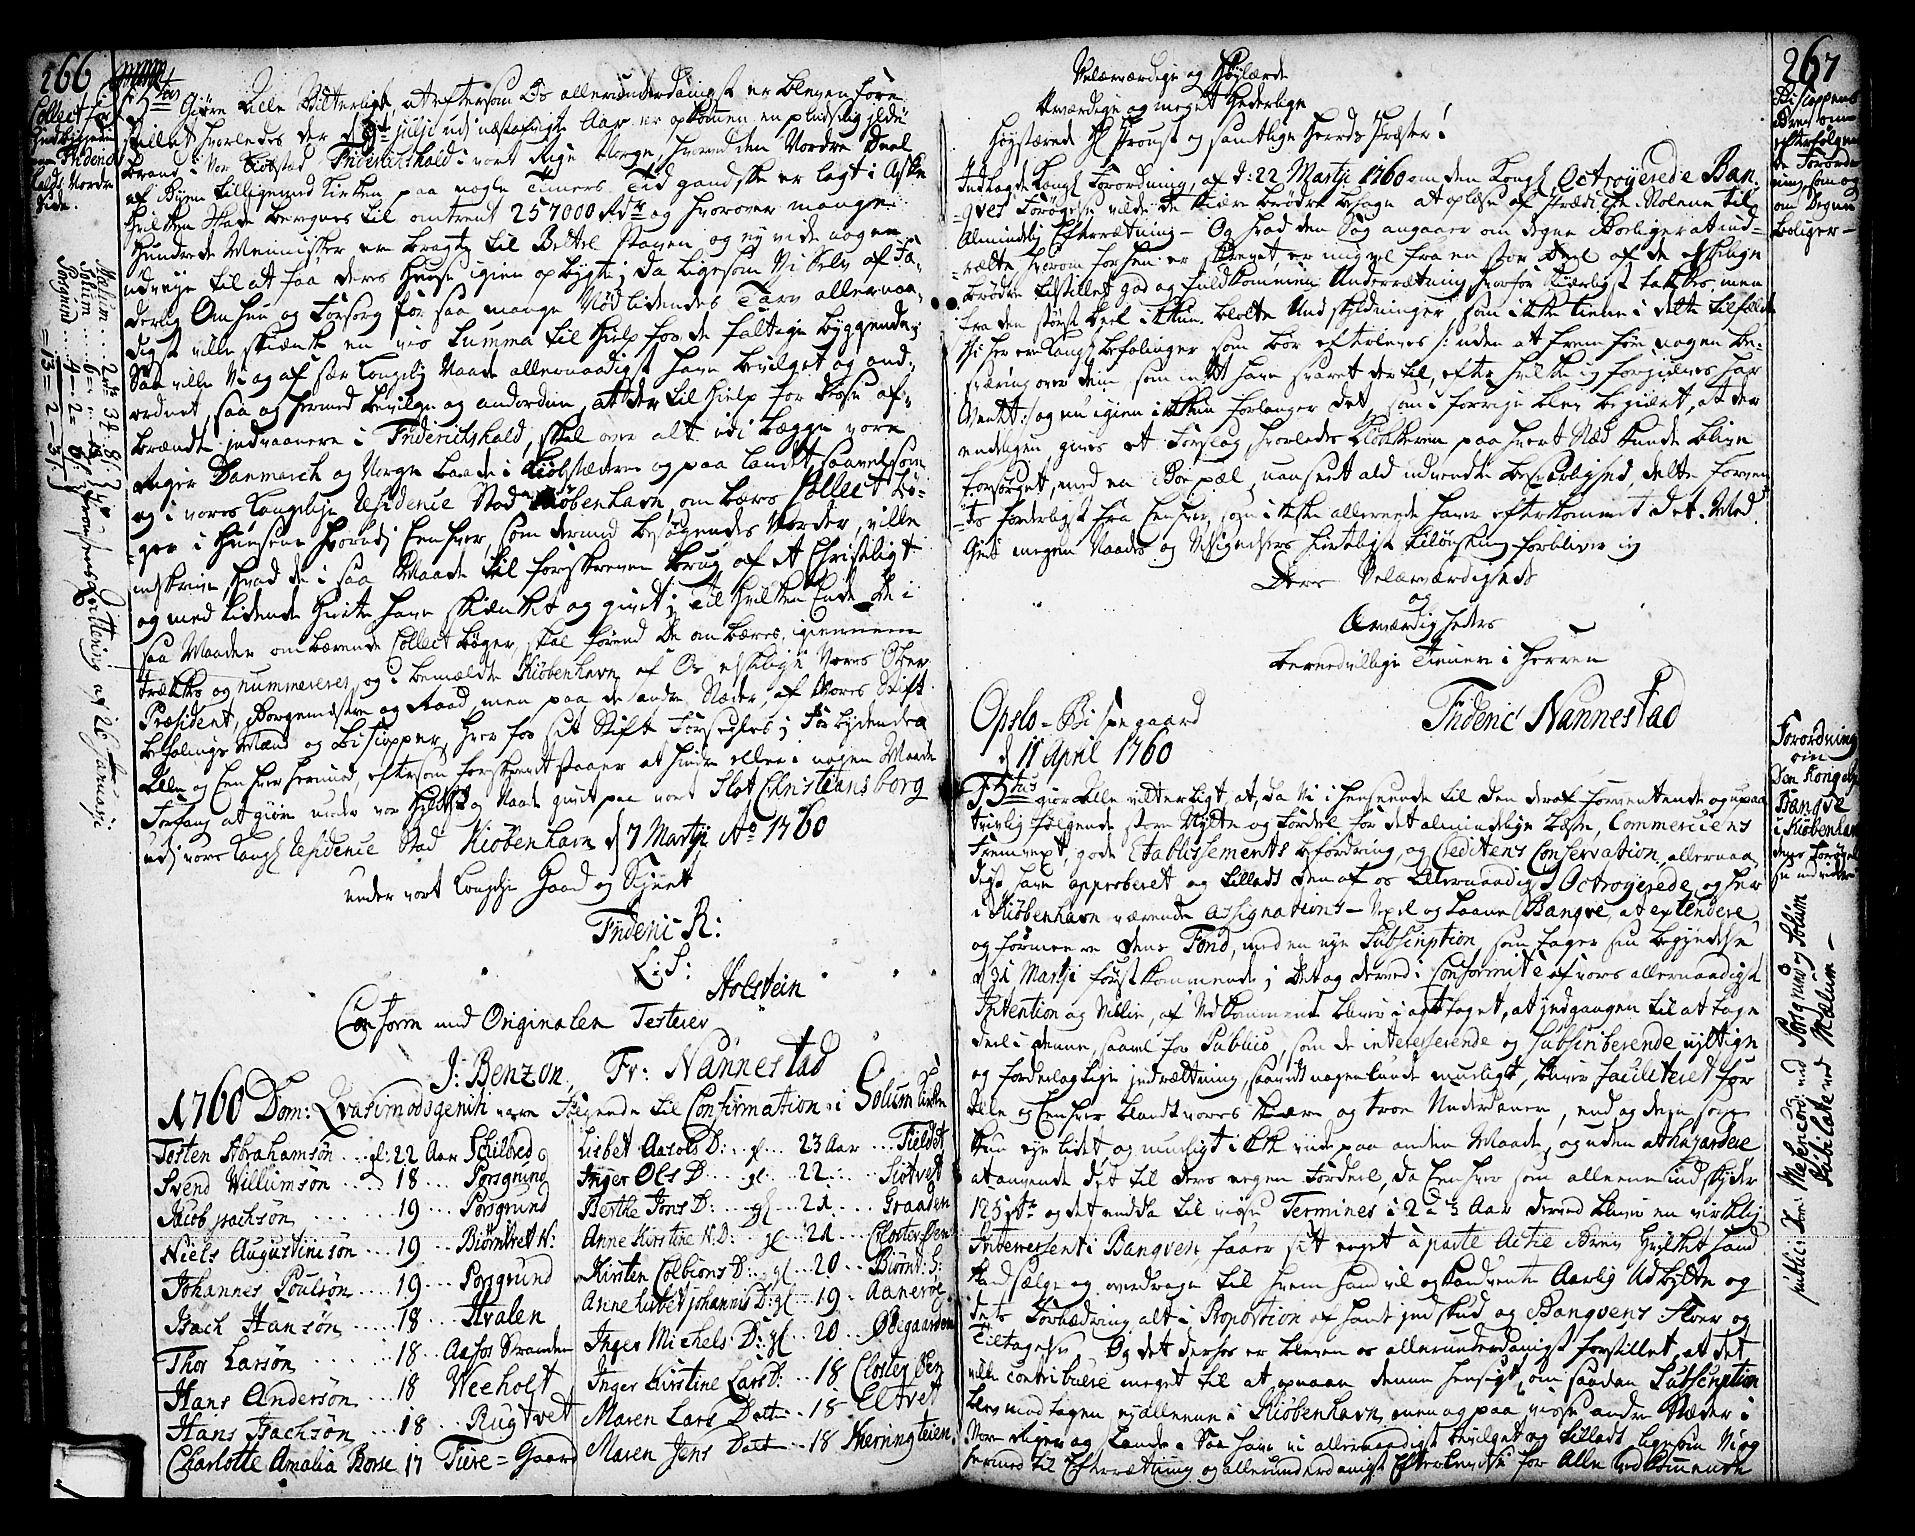 SAKO, Solum kirkebøker, Annen kirkebok nr. ?, 1743-1791, s. 266-267